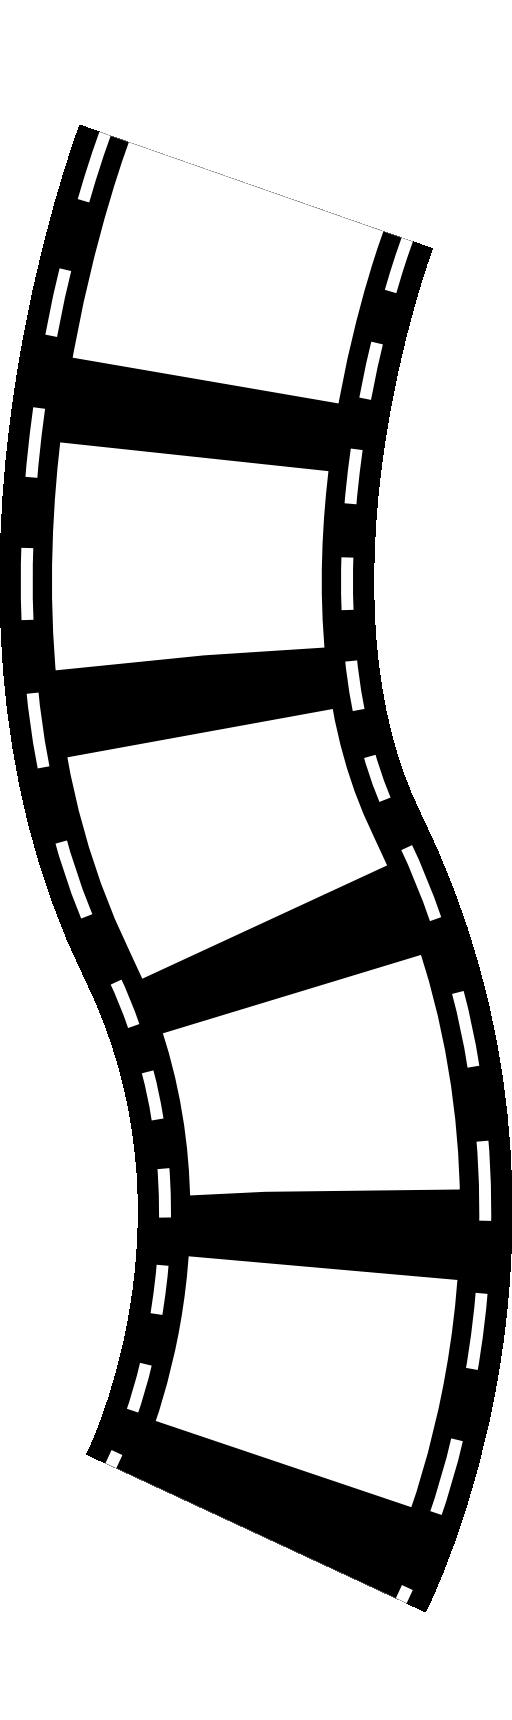 512x1720 Film Roll Clipart